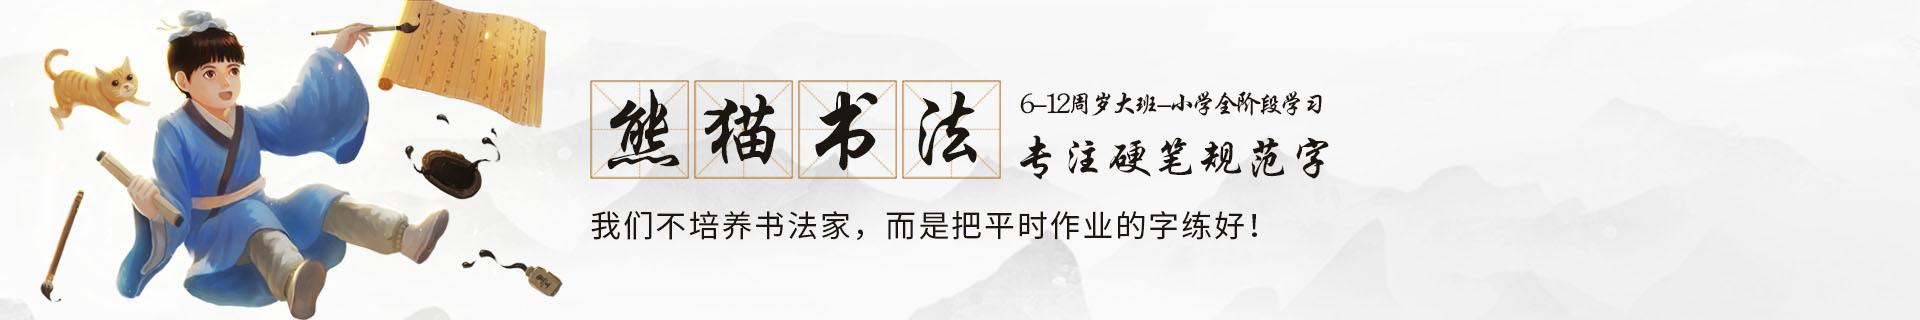 杭州熊猫书法培训